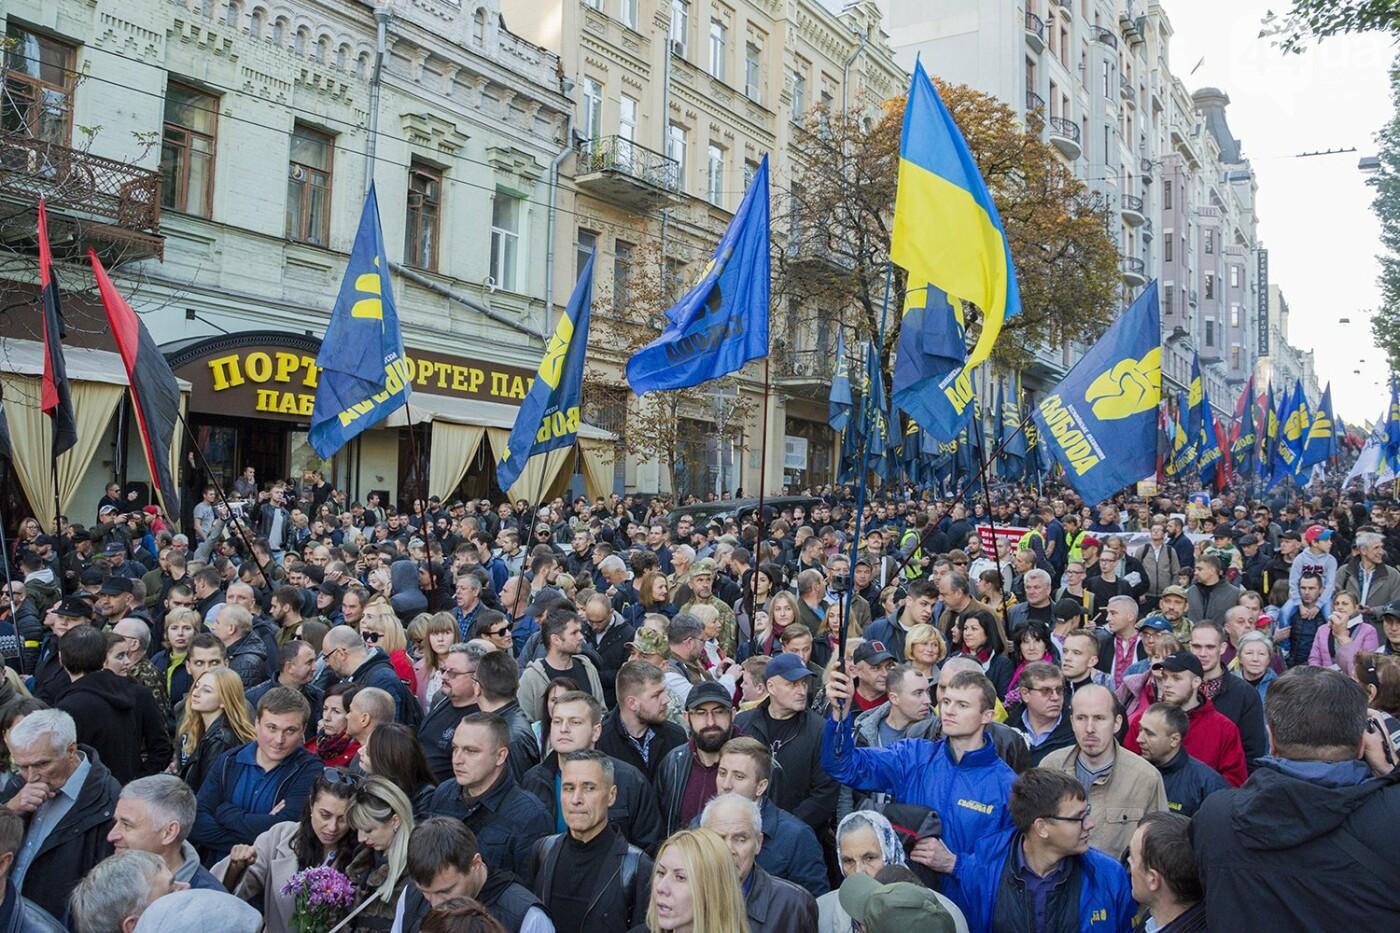 Файеры, Бандера и рекорды: в Киеве прошел традиционный марш УПА, - ФОТОРЕПОРТАЖ, фото-16